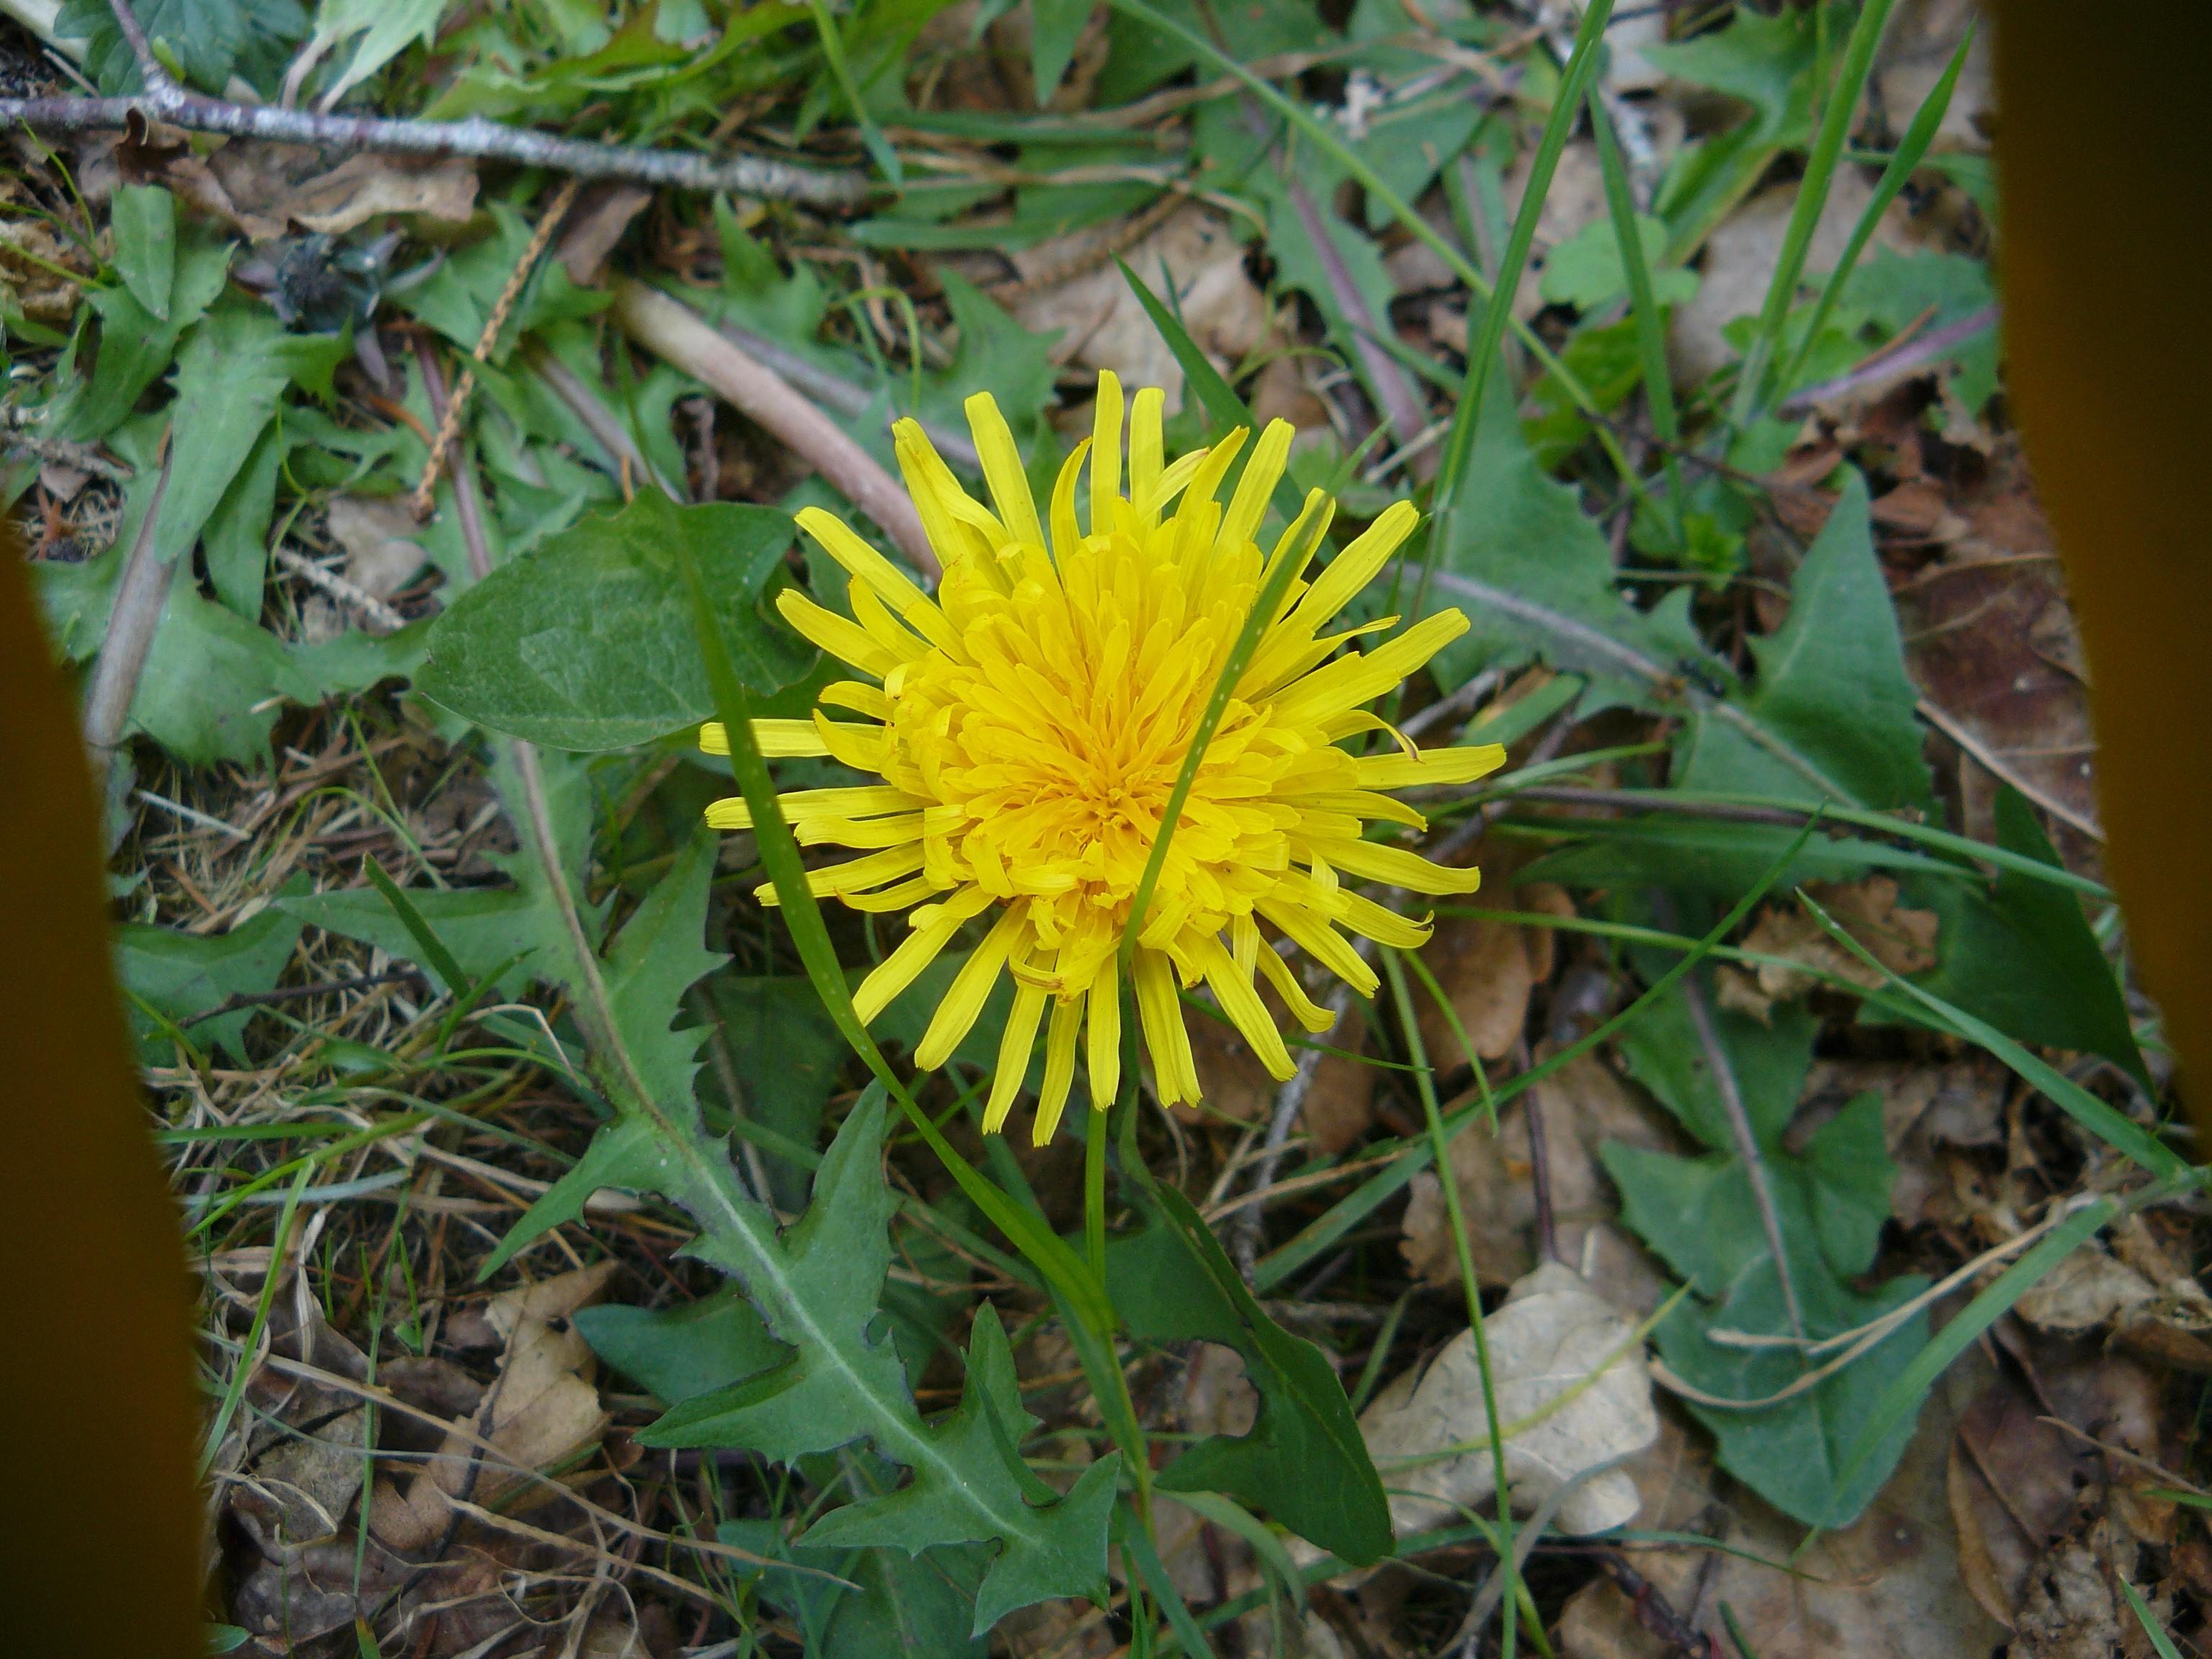 Foto Fiori Gialli.Sfondi Fiori Gialli Giallo Dente Di Leone Erba Fiore Flora